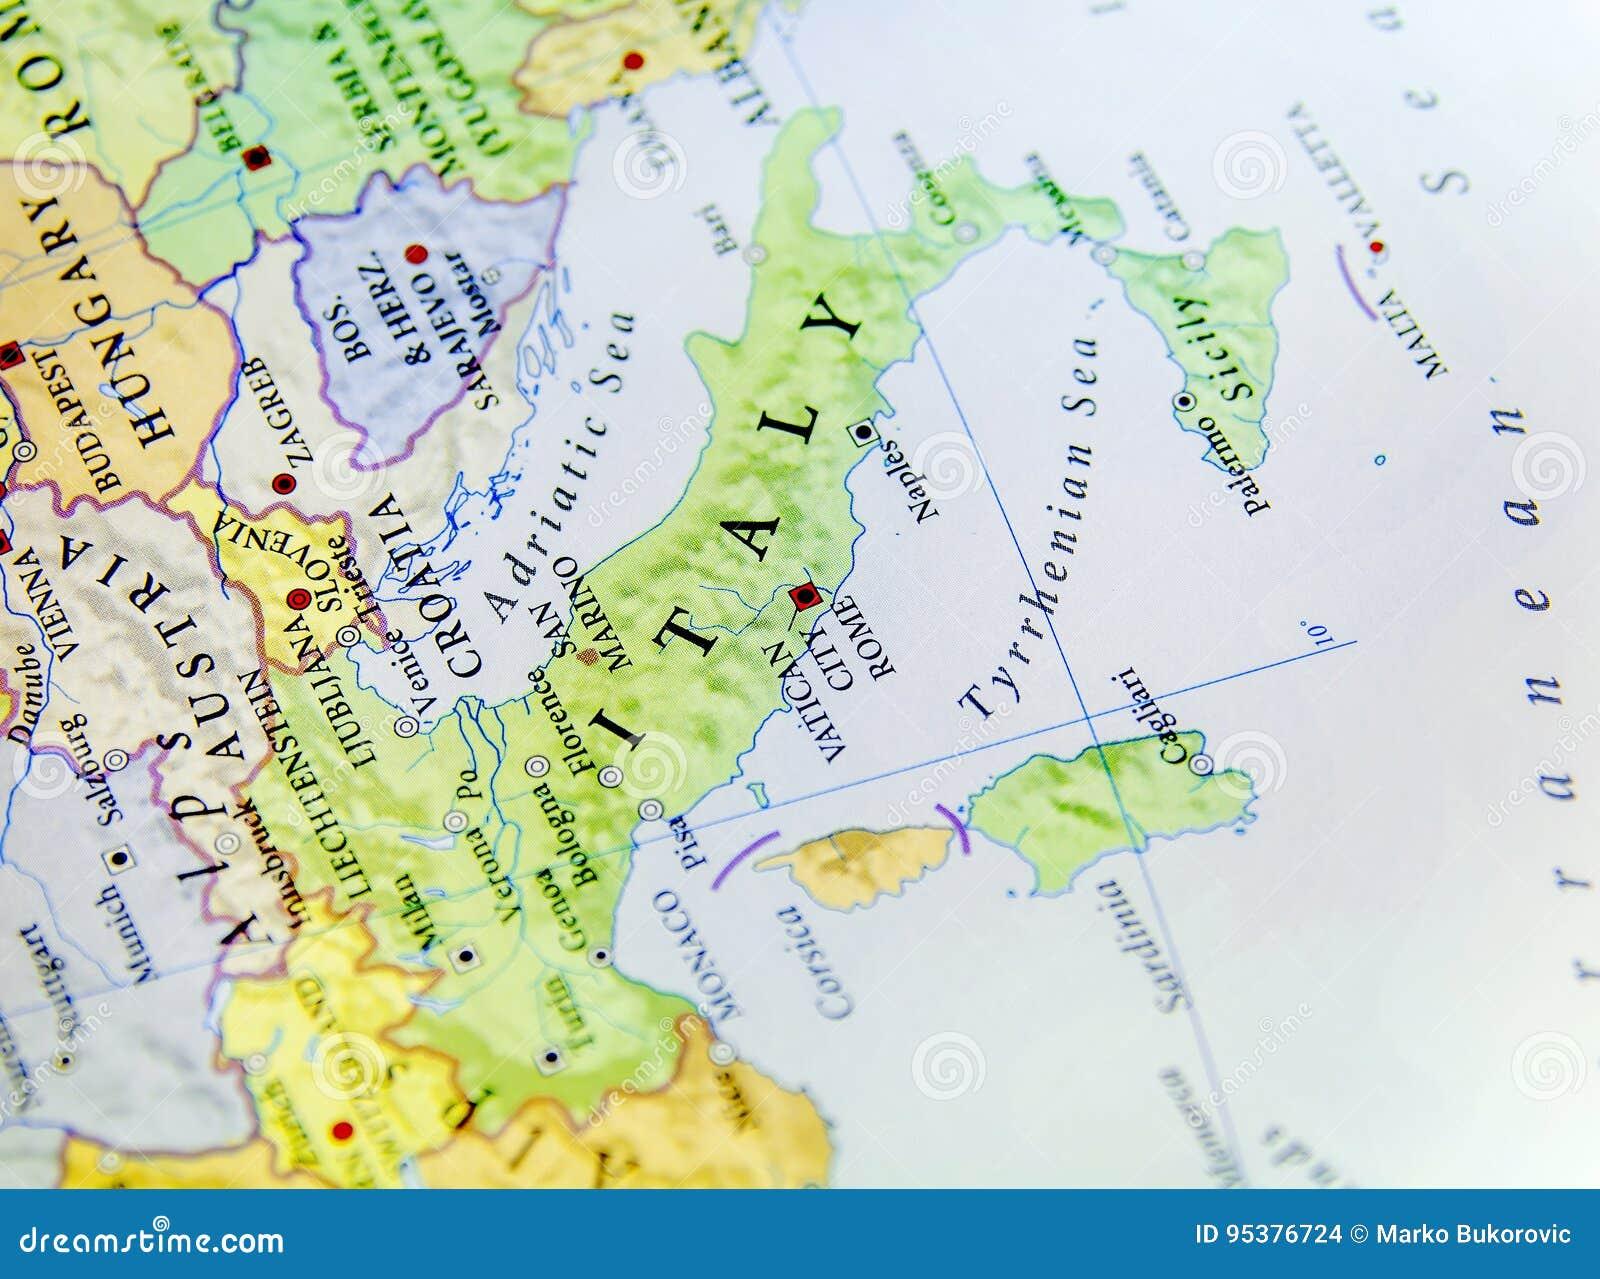 Cartina Geografica Europa Budapest.Mappa Geografica Di Paese Europeo Italia Con Le Citta Importanti